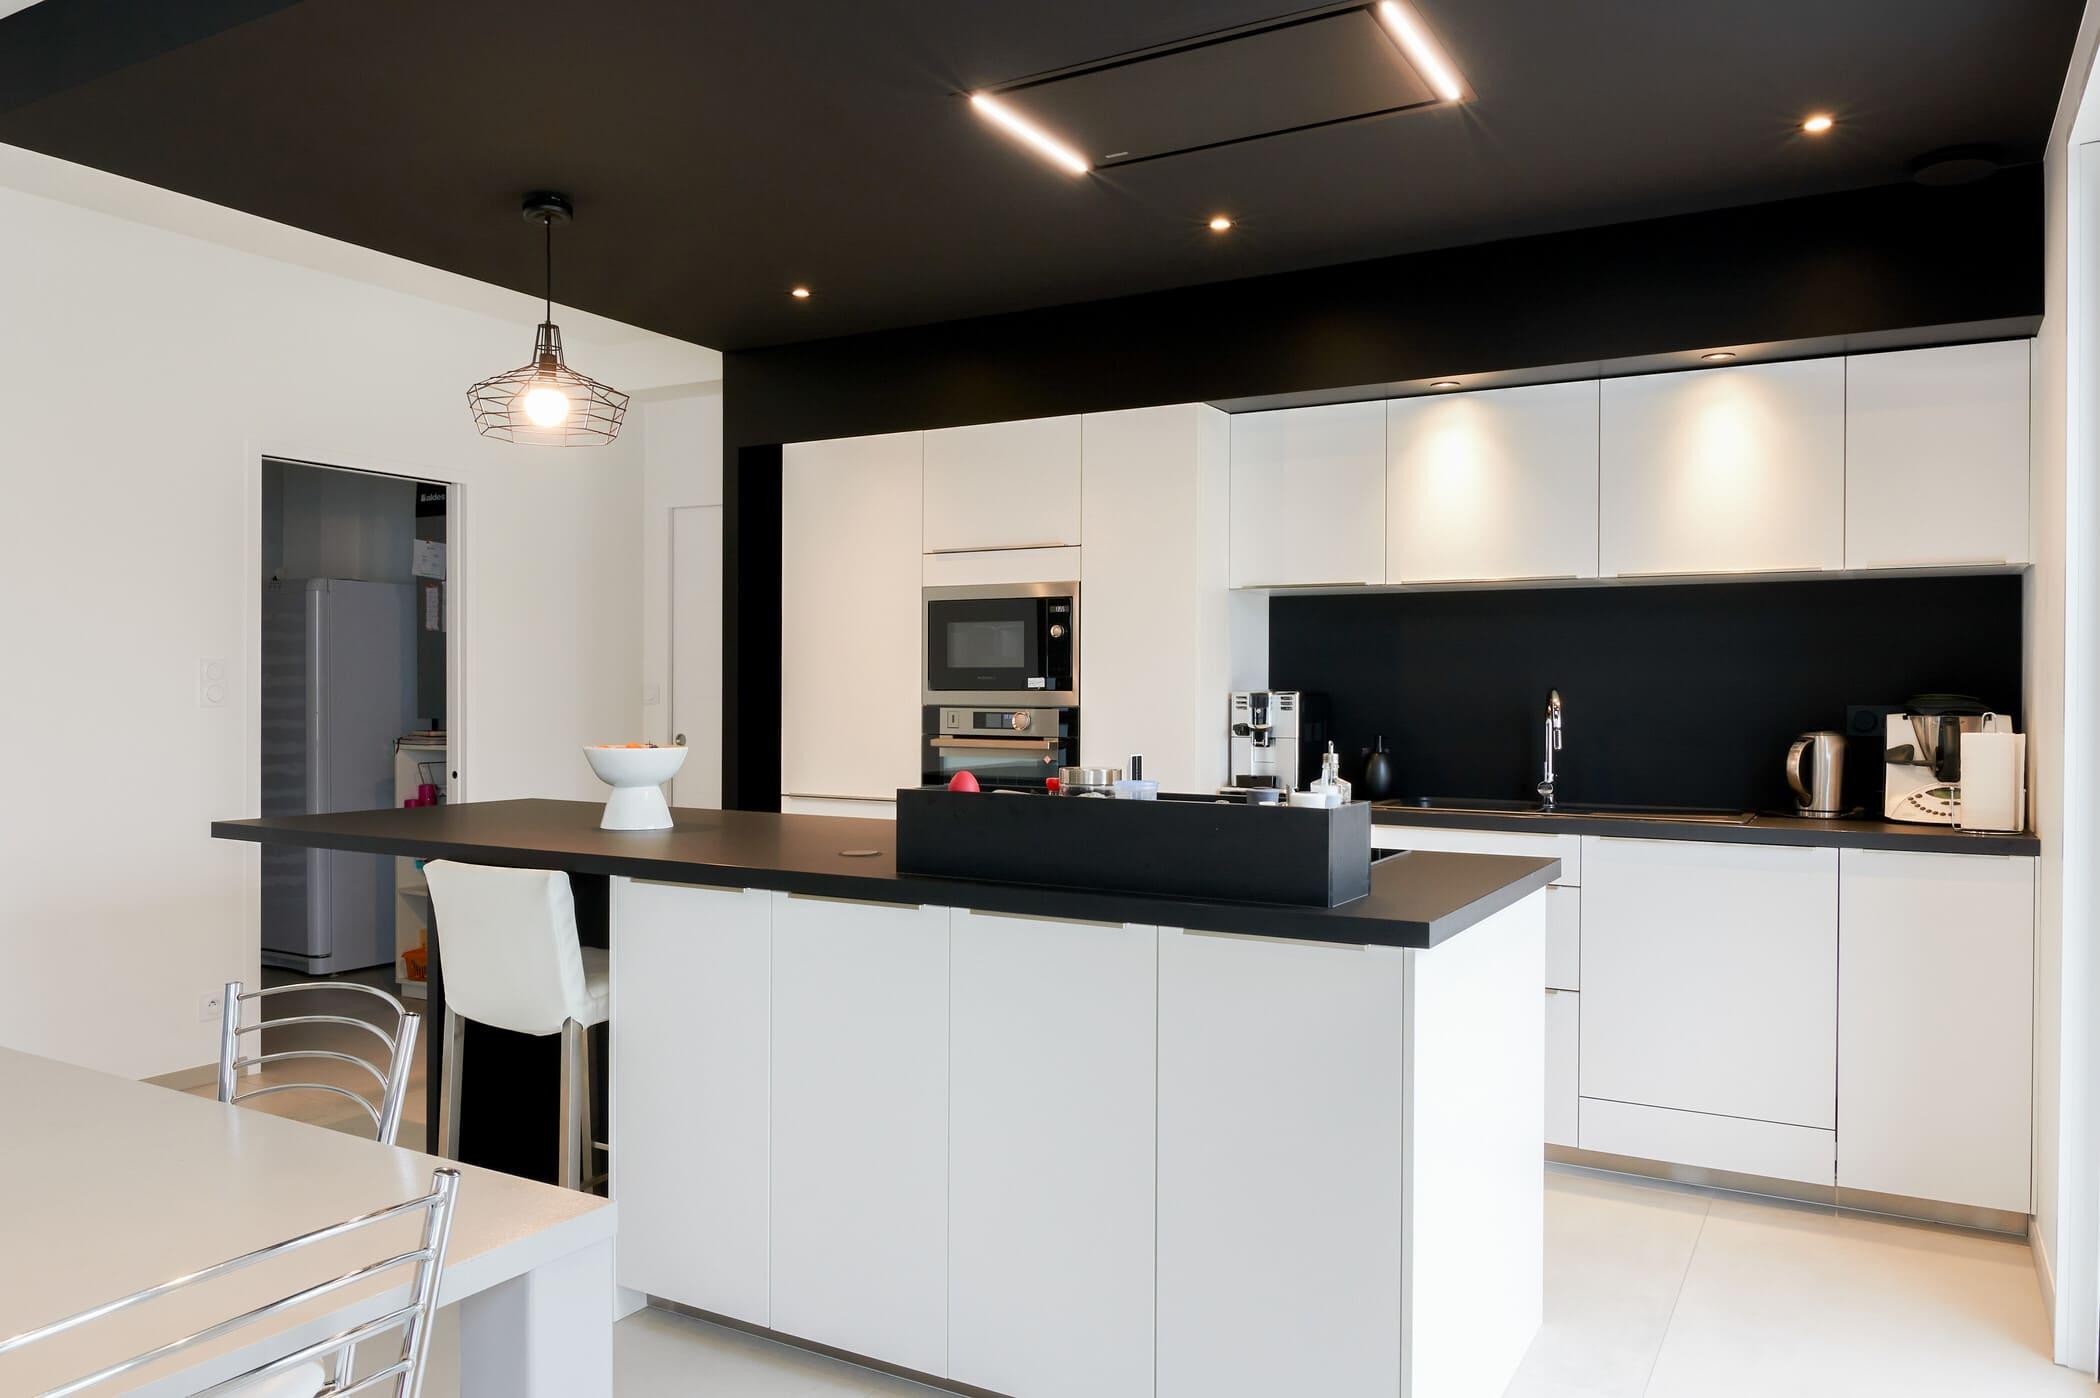 Cuisine ouverte design noire et blanche avec îlot central | Raison Home - 3